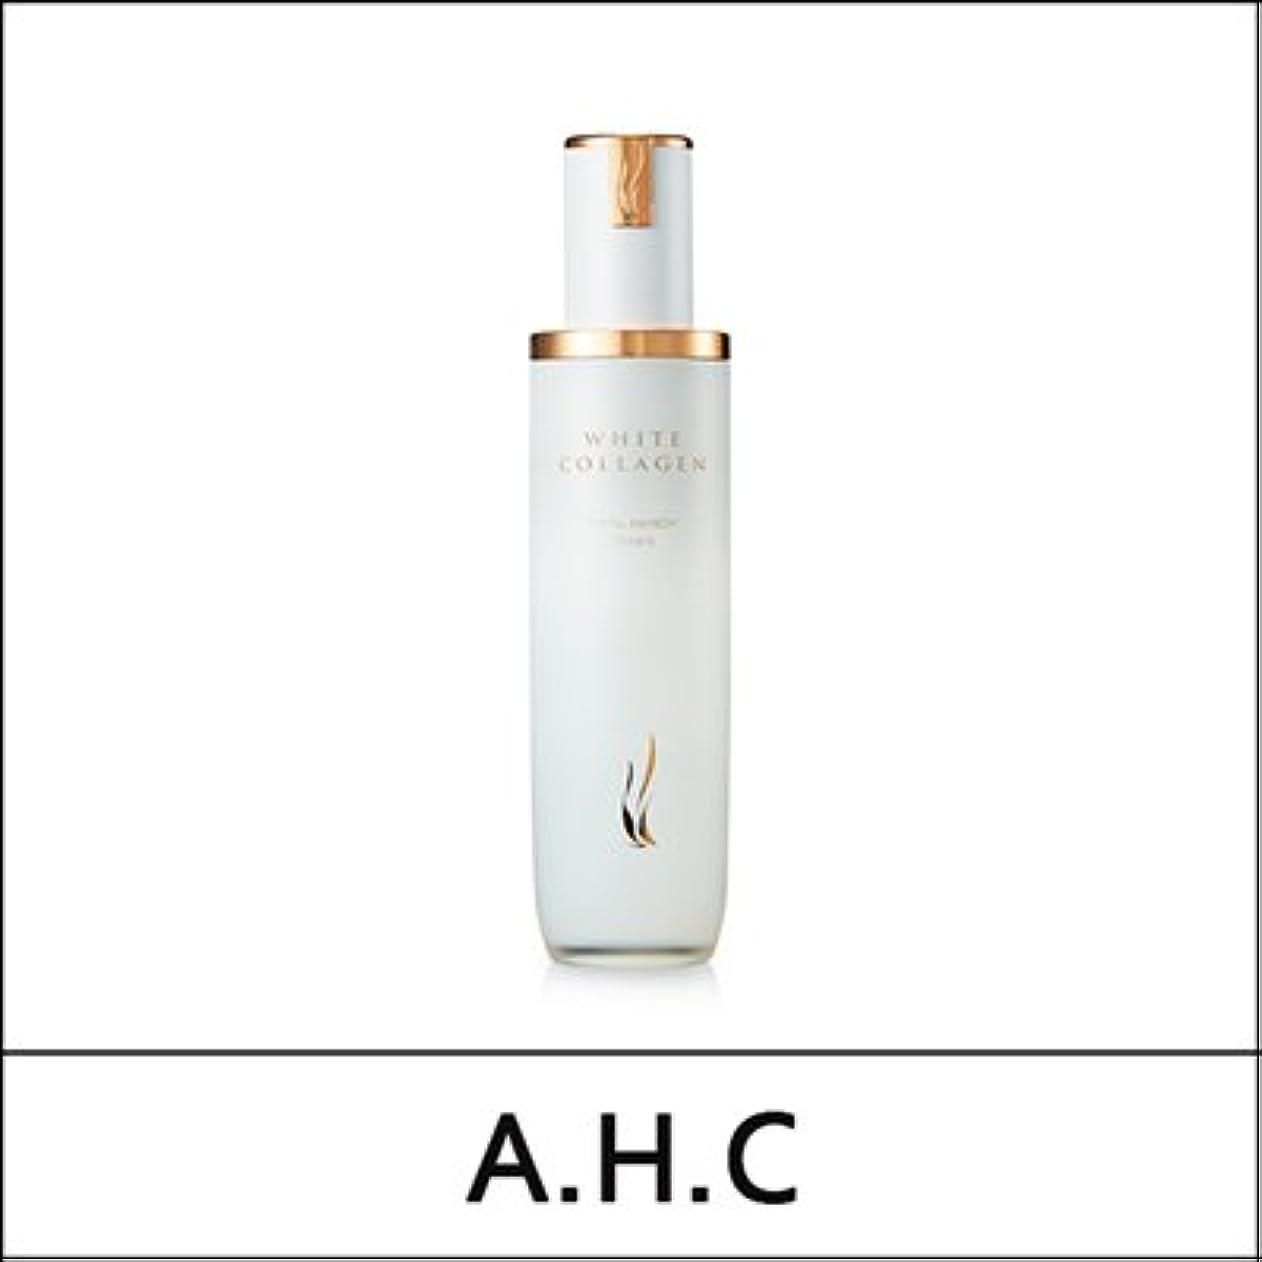 気になる恐怖故障A.H.C (AHC) White Collagen Total Remedy Toner 130ml/A.H.C ホワイト コラーゲン トータル レミディ トナー 130ml [並行輸入品]